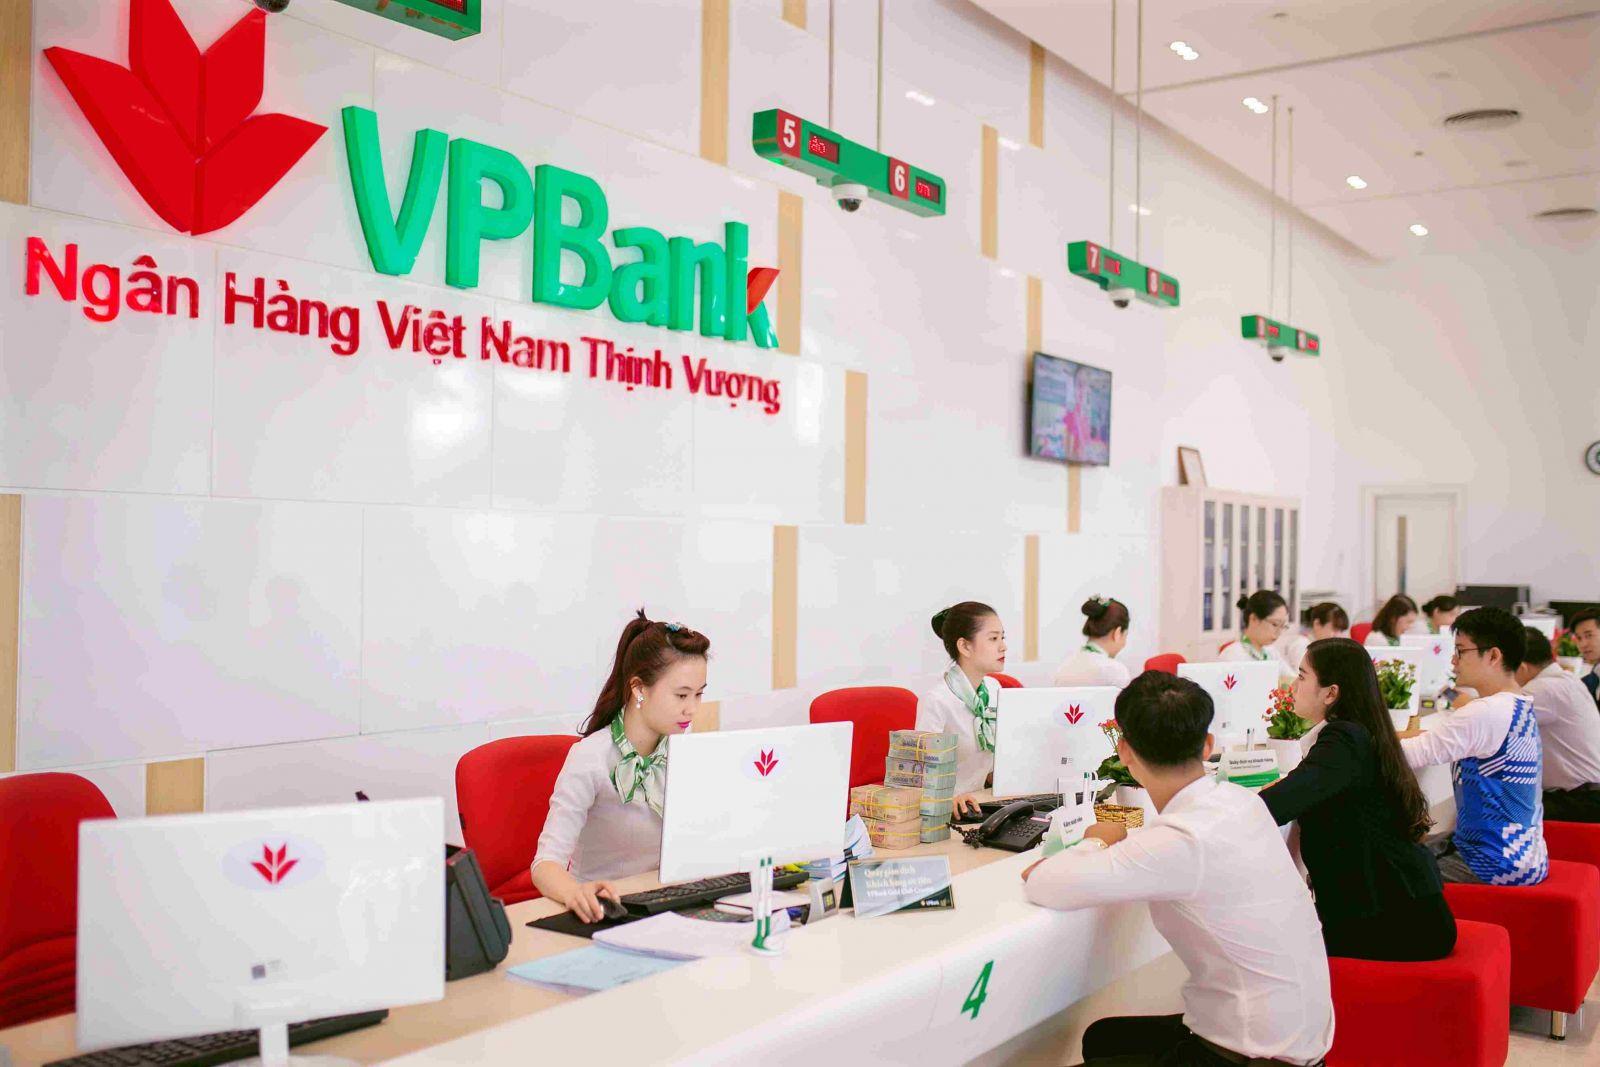 Linh hoạt và đa dạng hóa doanh thu hiệu quả, VPBank tăng trưởng vượt kế hoạch trong quý đầu năm